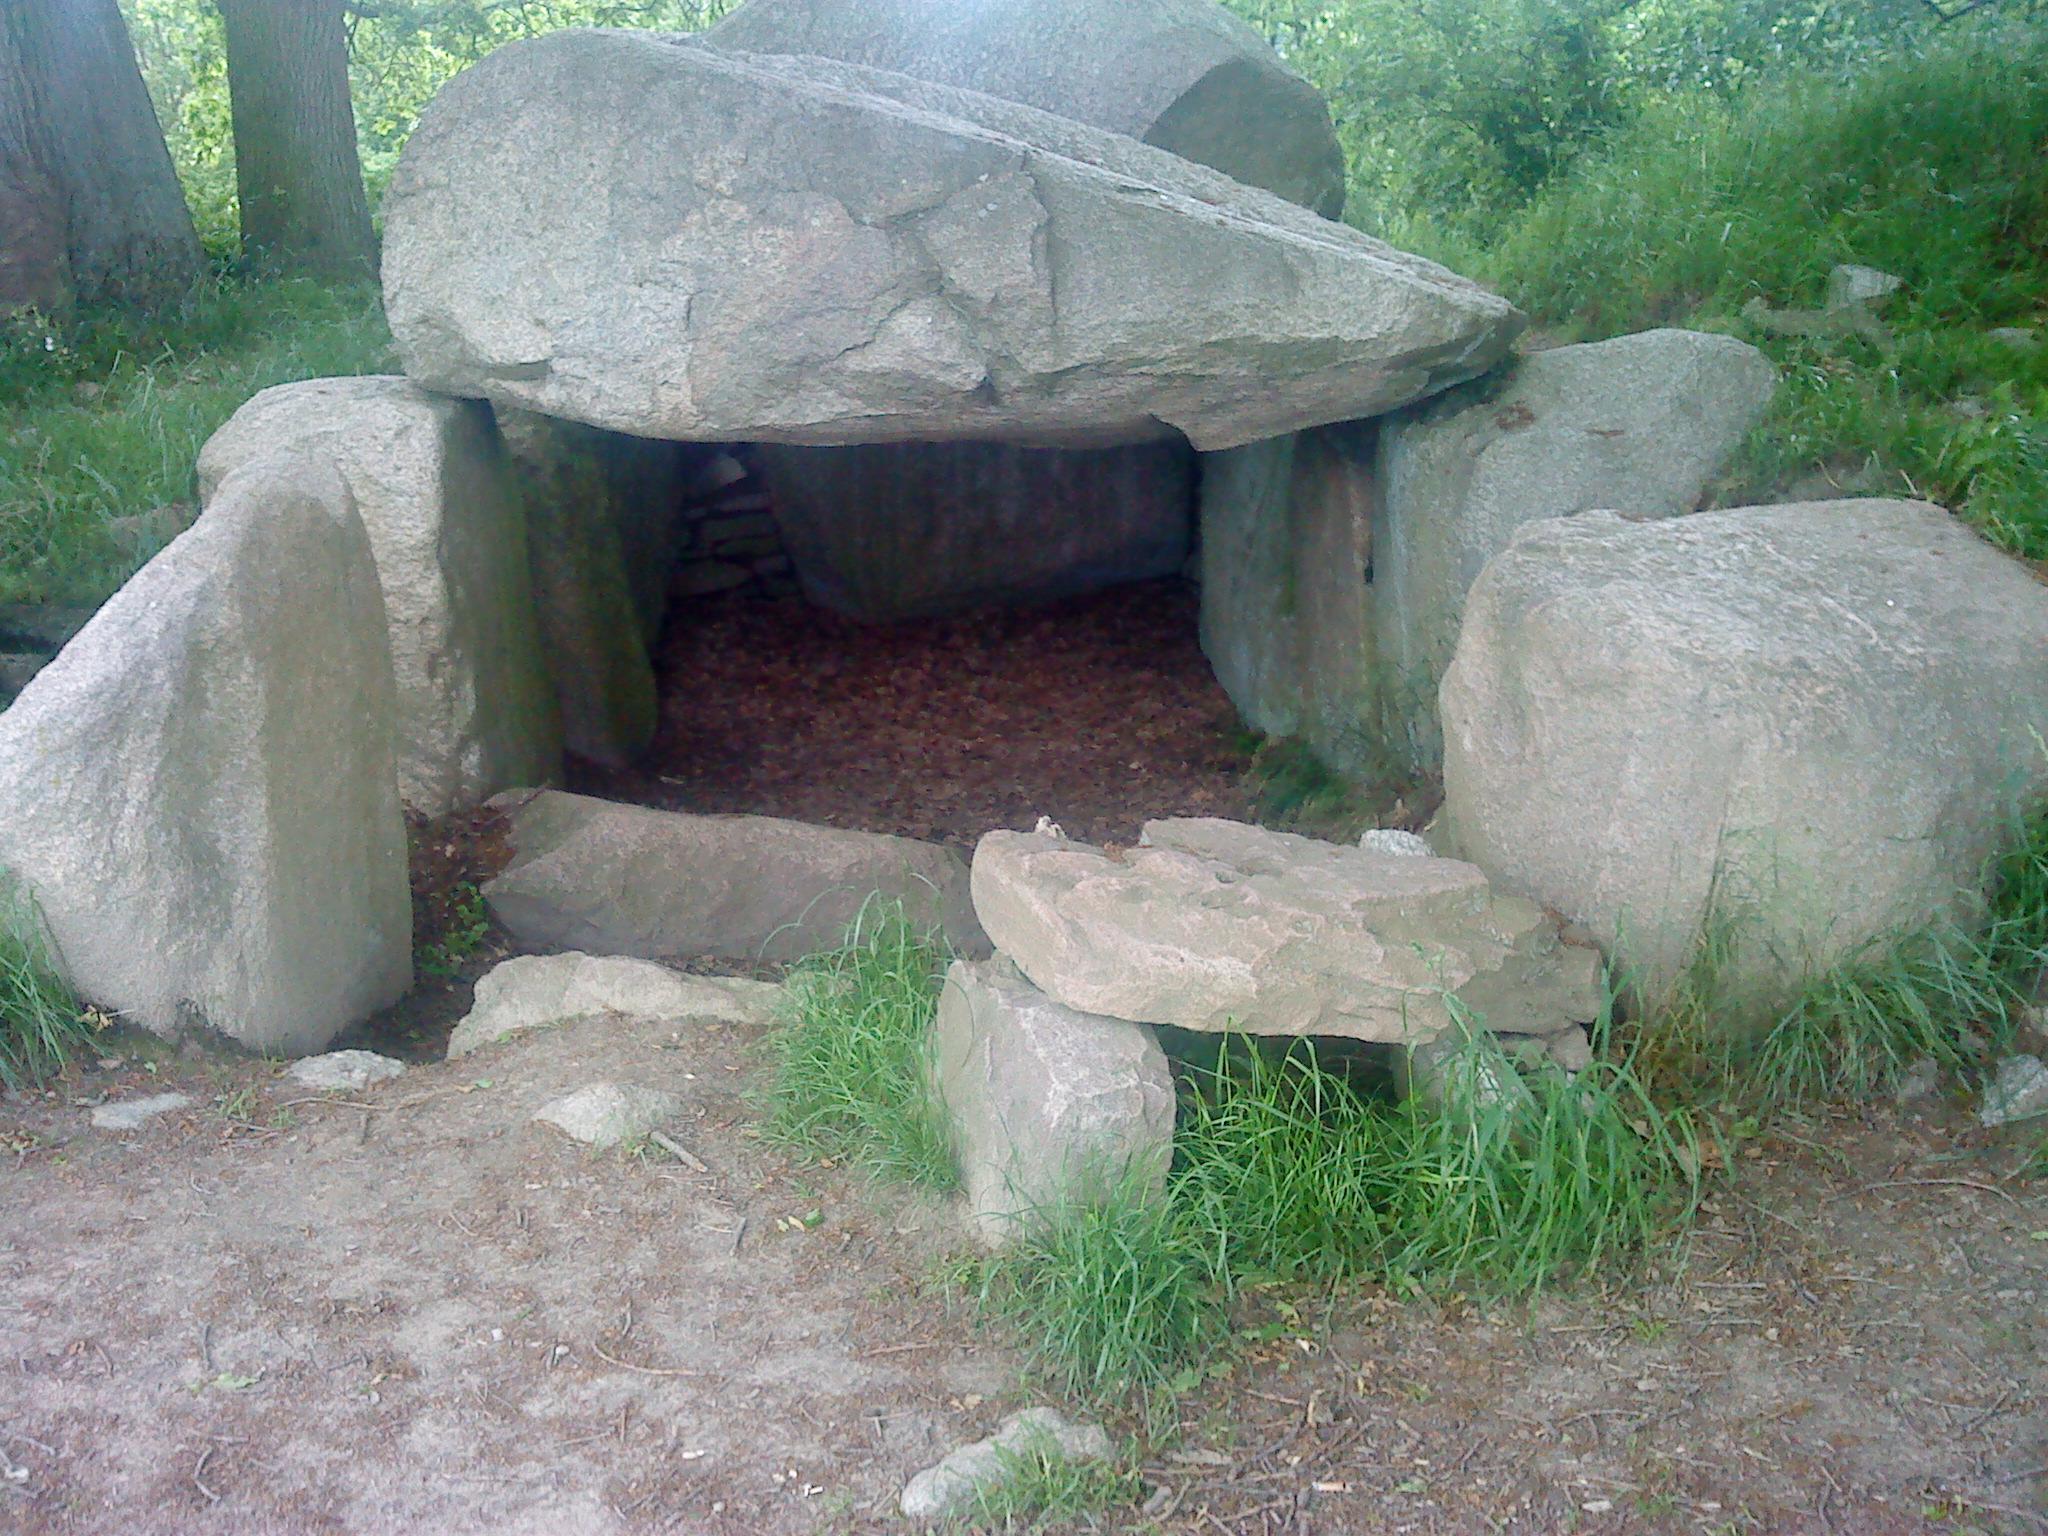 Dolmen in Lancken-Granitz, Insel Ruegen, Ostdeutschland zwischen 3.500 - 3.200 BC von der Trichterbecherkultur errichtet. Dieser war Teil einer Gruppe von 7 Dolmen die teilweise mit Bannkreis und einem Wächterstein versehen waren.